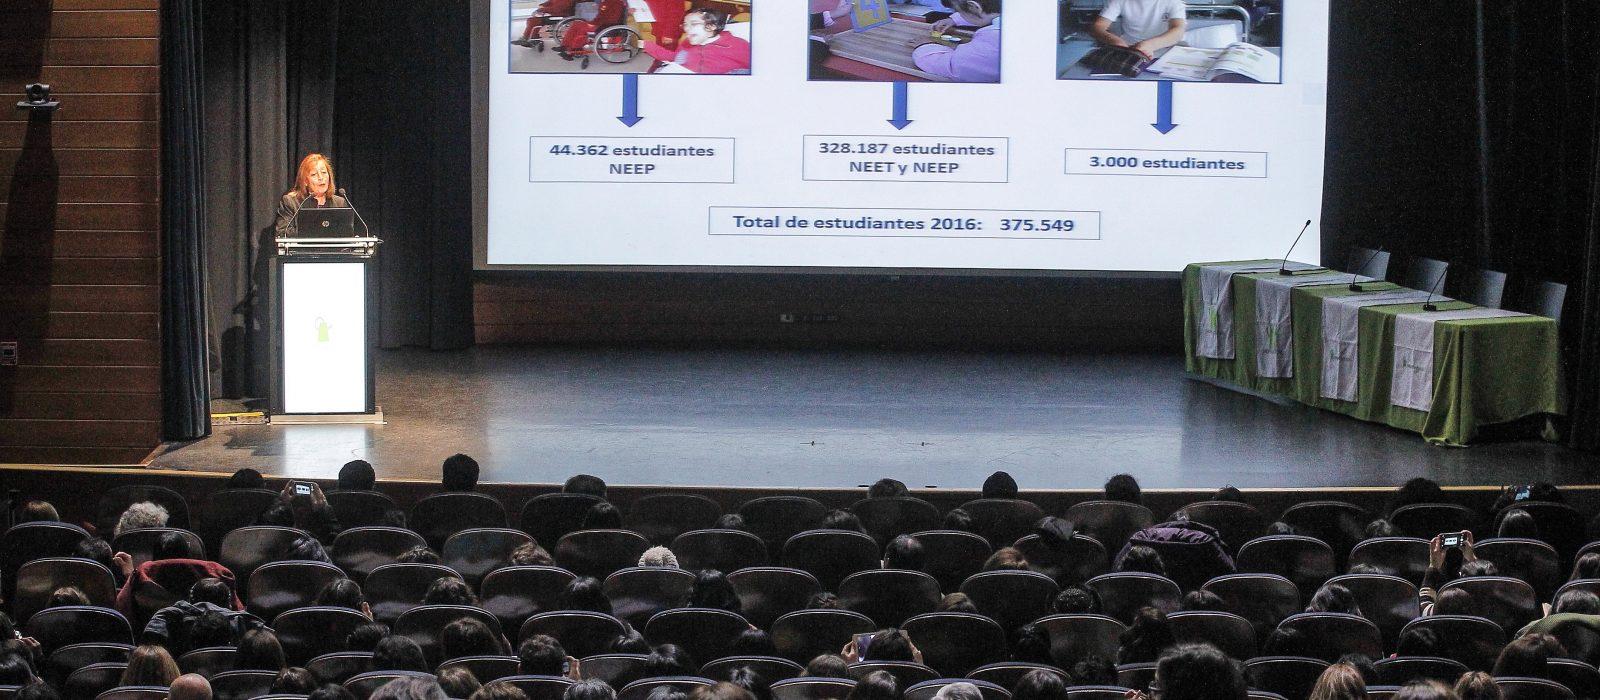 [Seminario] Seminario abordó los desafíos que plantea el Diseño Universal de Aprendizajes (DUA)